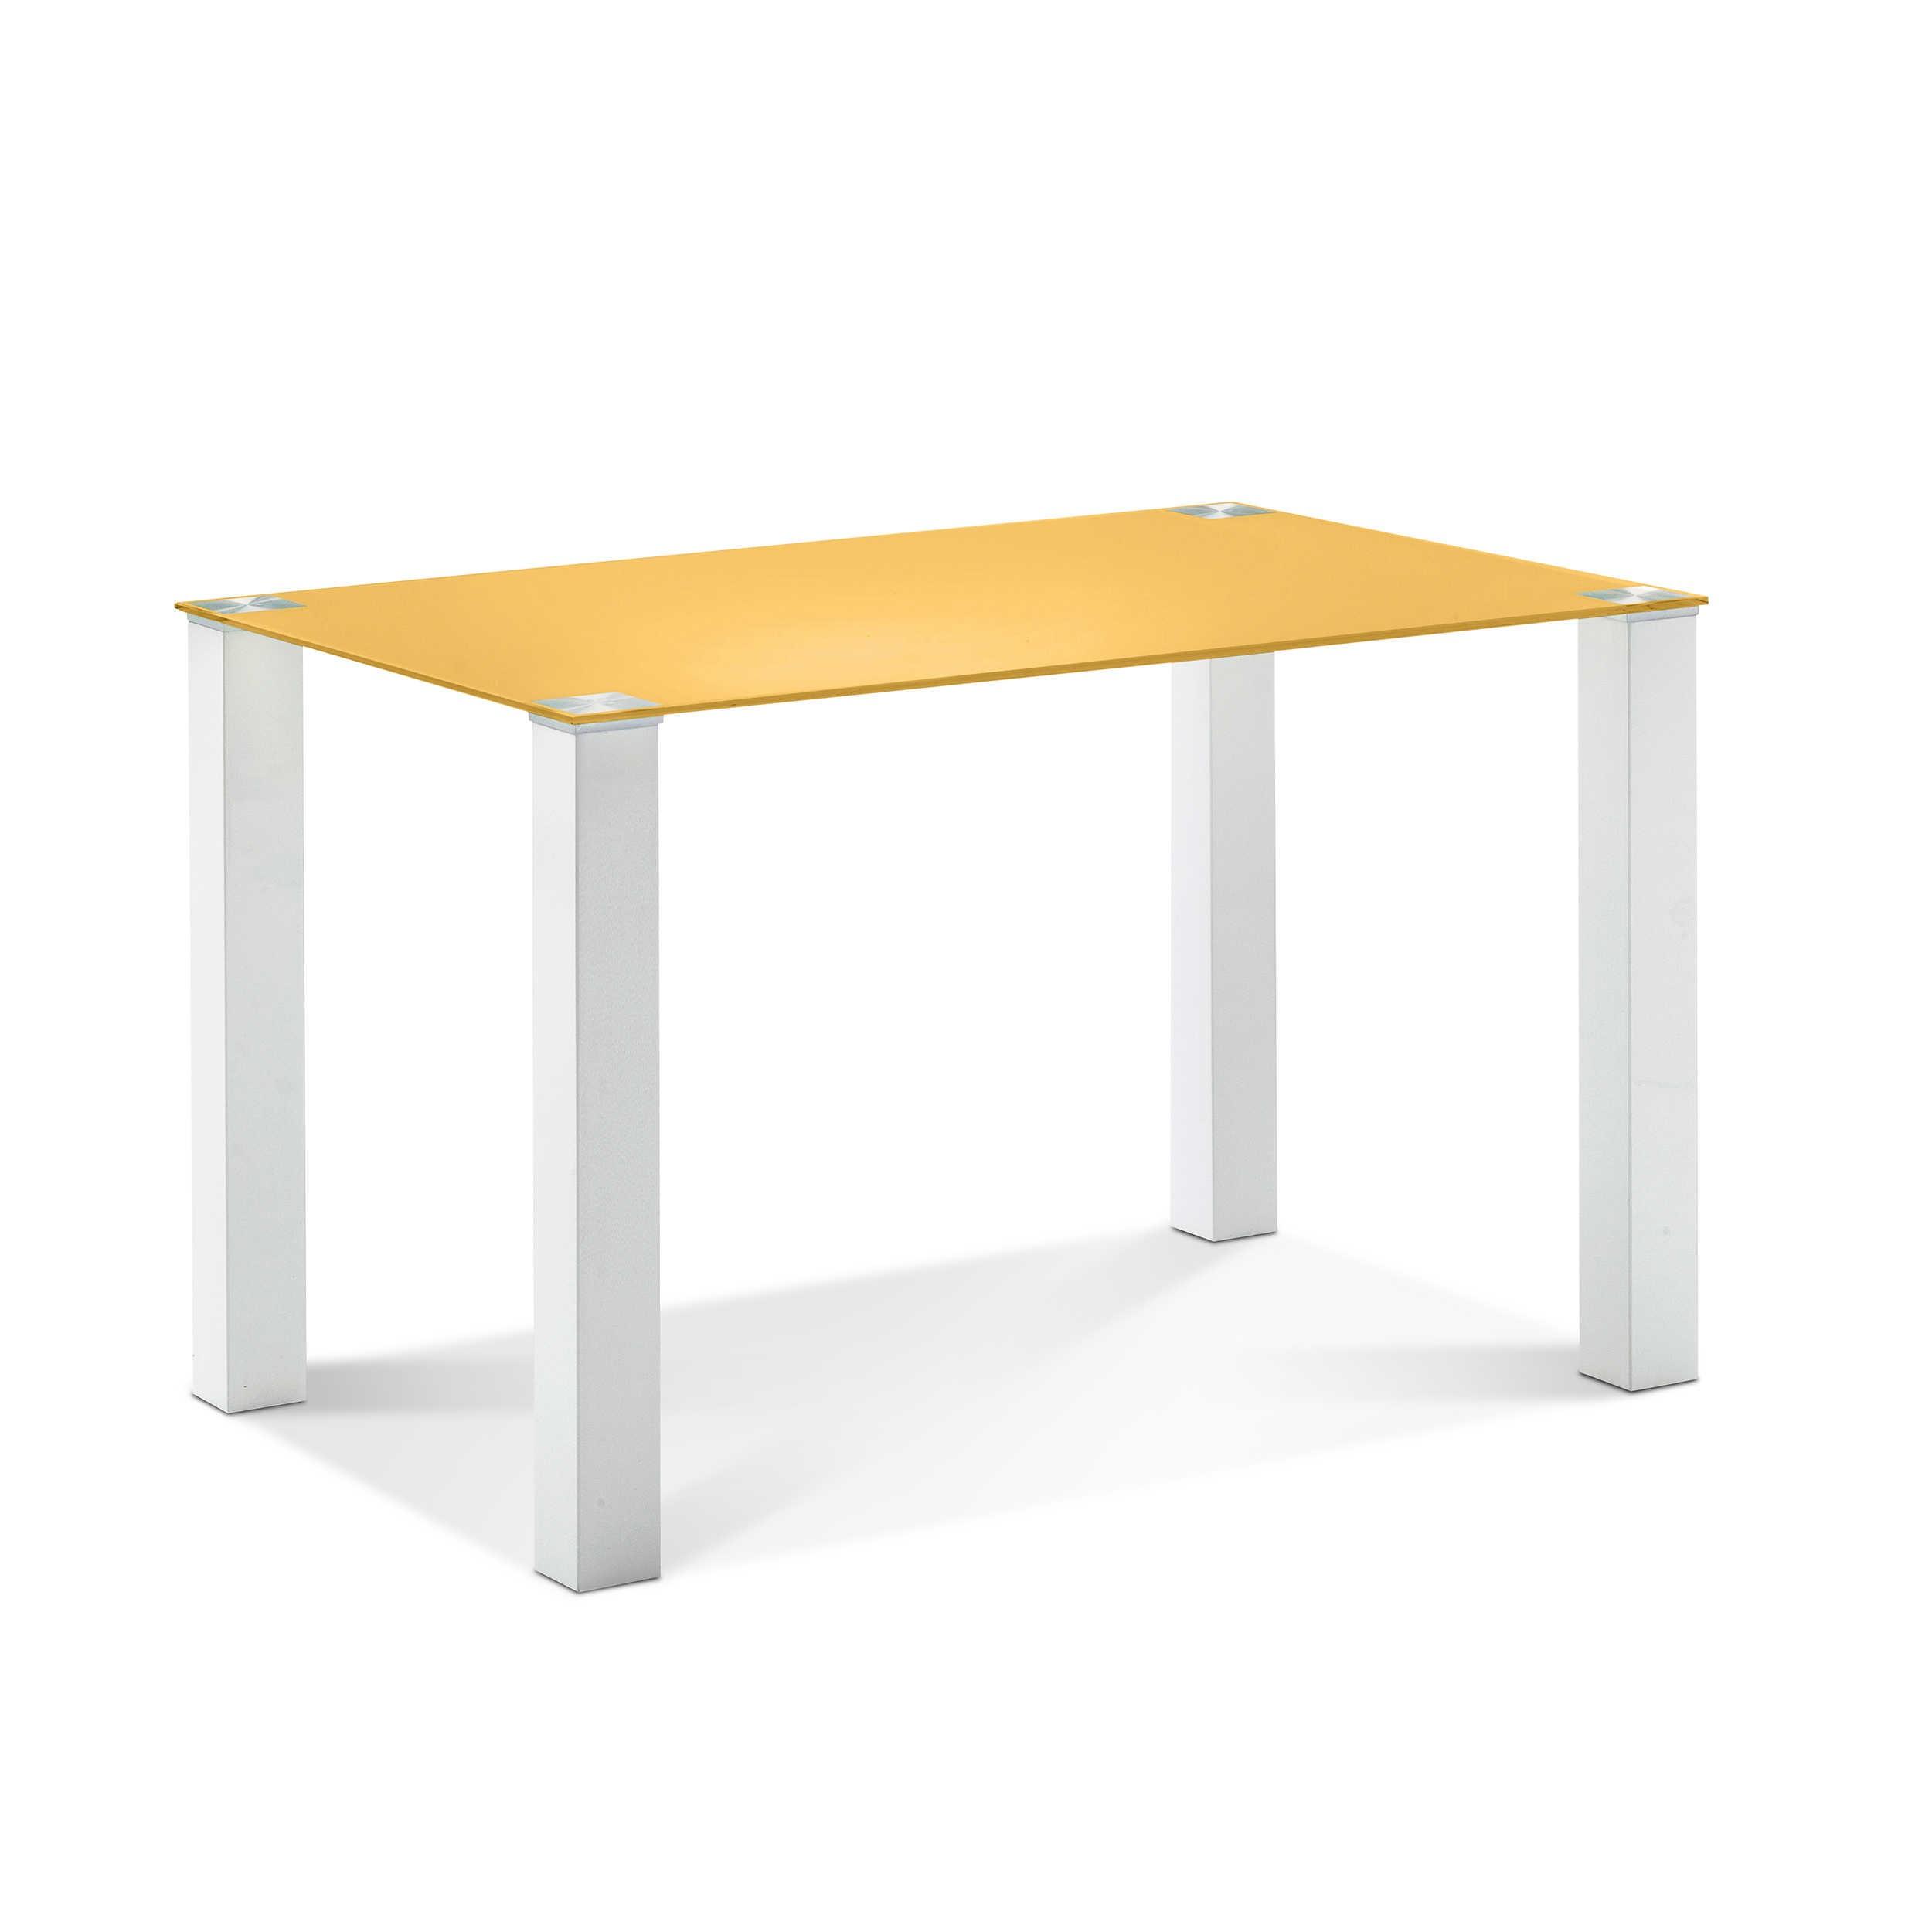 mca esstisch cintano 120 x 80 cm gelb glas online kaufen bei woonio. Black Bedroom Furniture Sets. Home Design Ideas